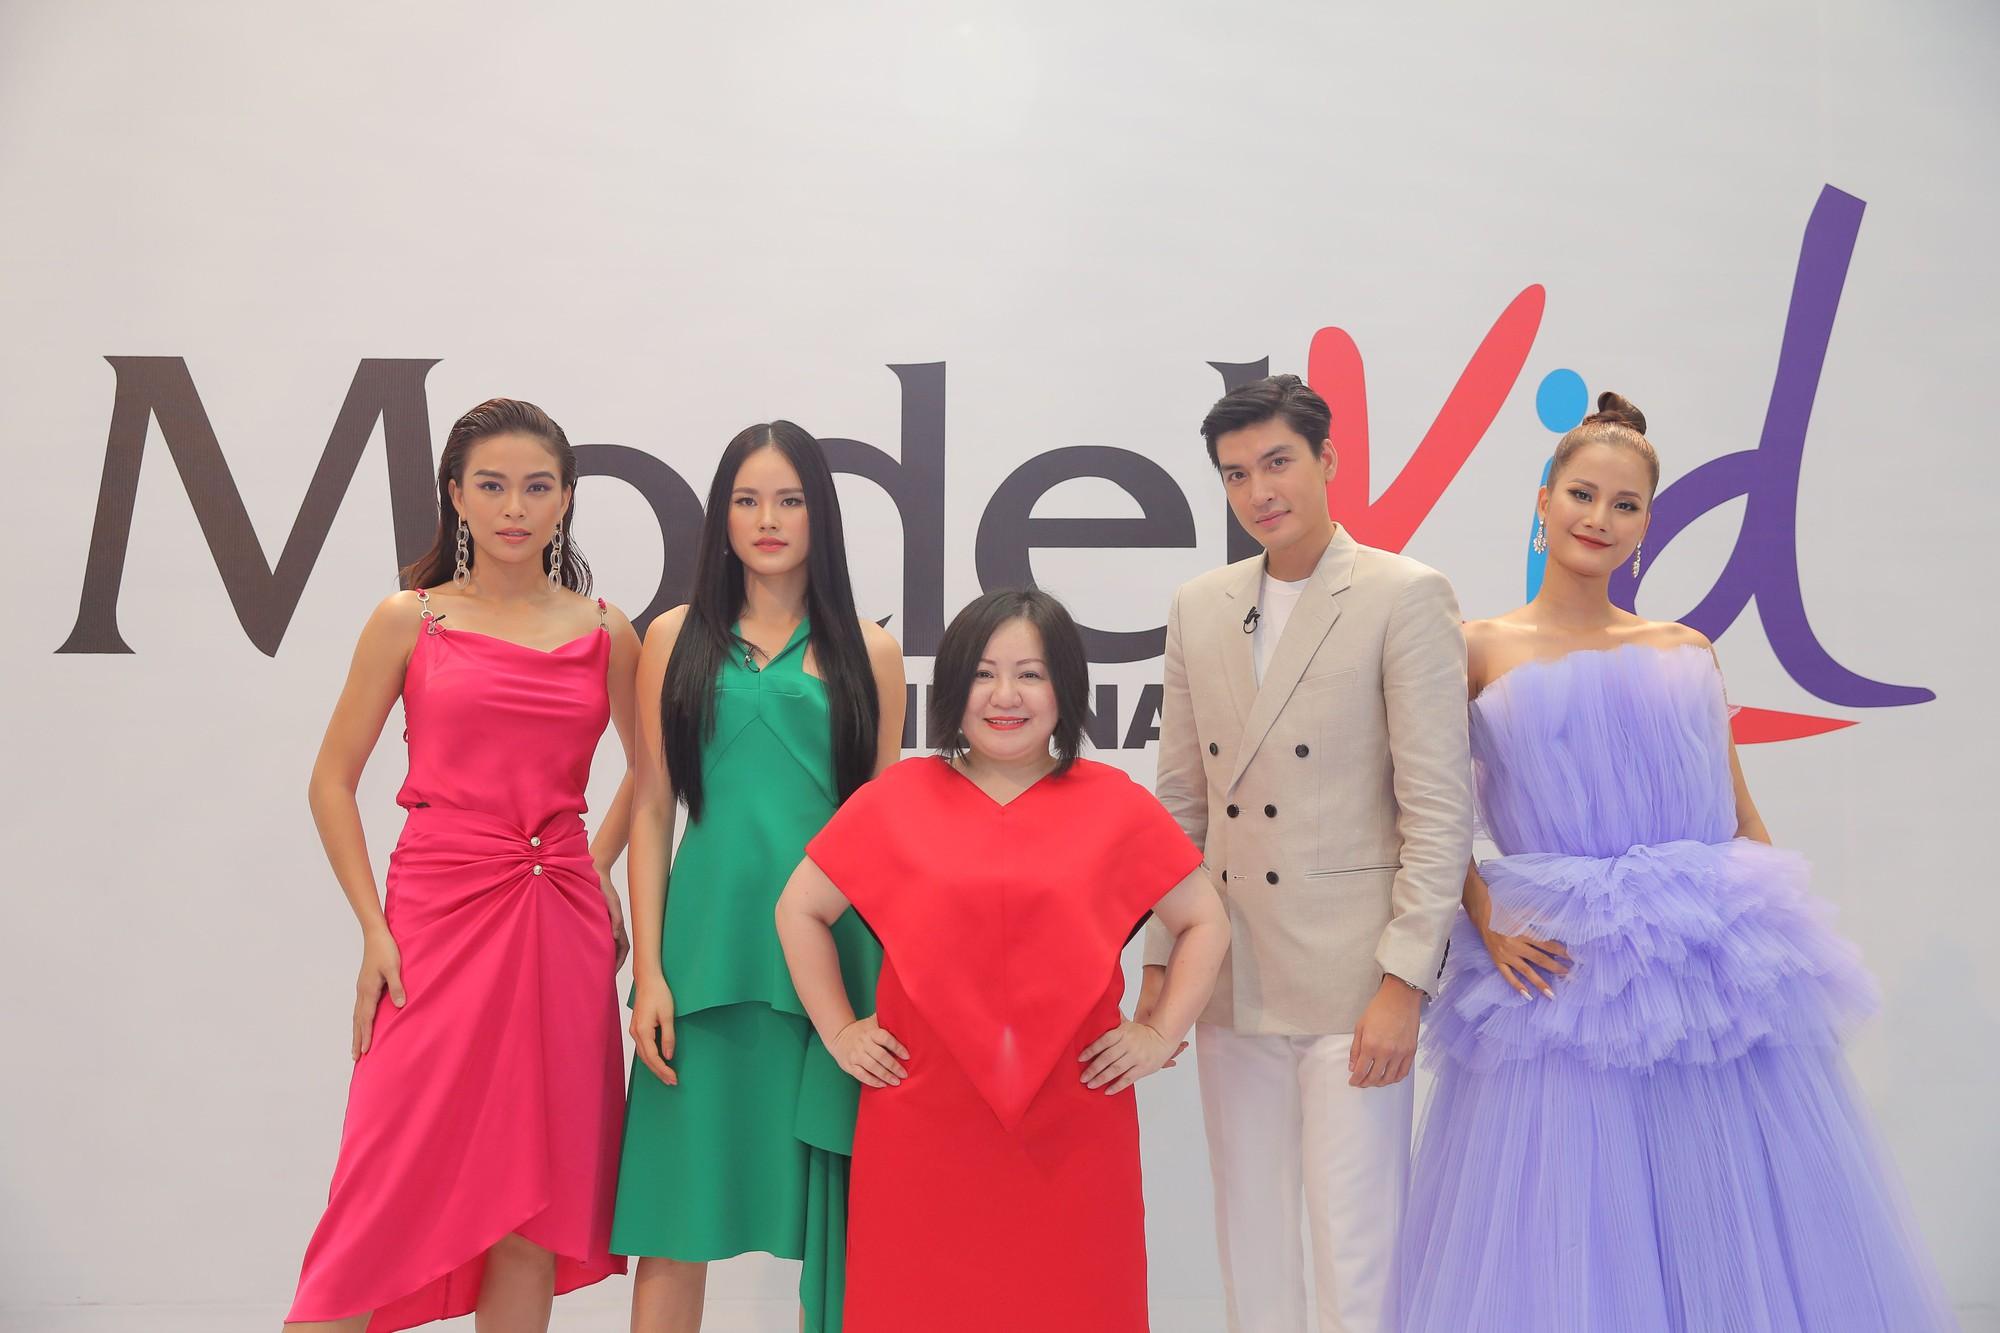 Bà Trang Lê - giám đốc sản xuất Model Kid Vietnam: Tôi rất bức xúc khi nhiều nơi dạy các bé trình diễn như người lớn - Ảnh 7.